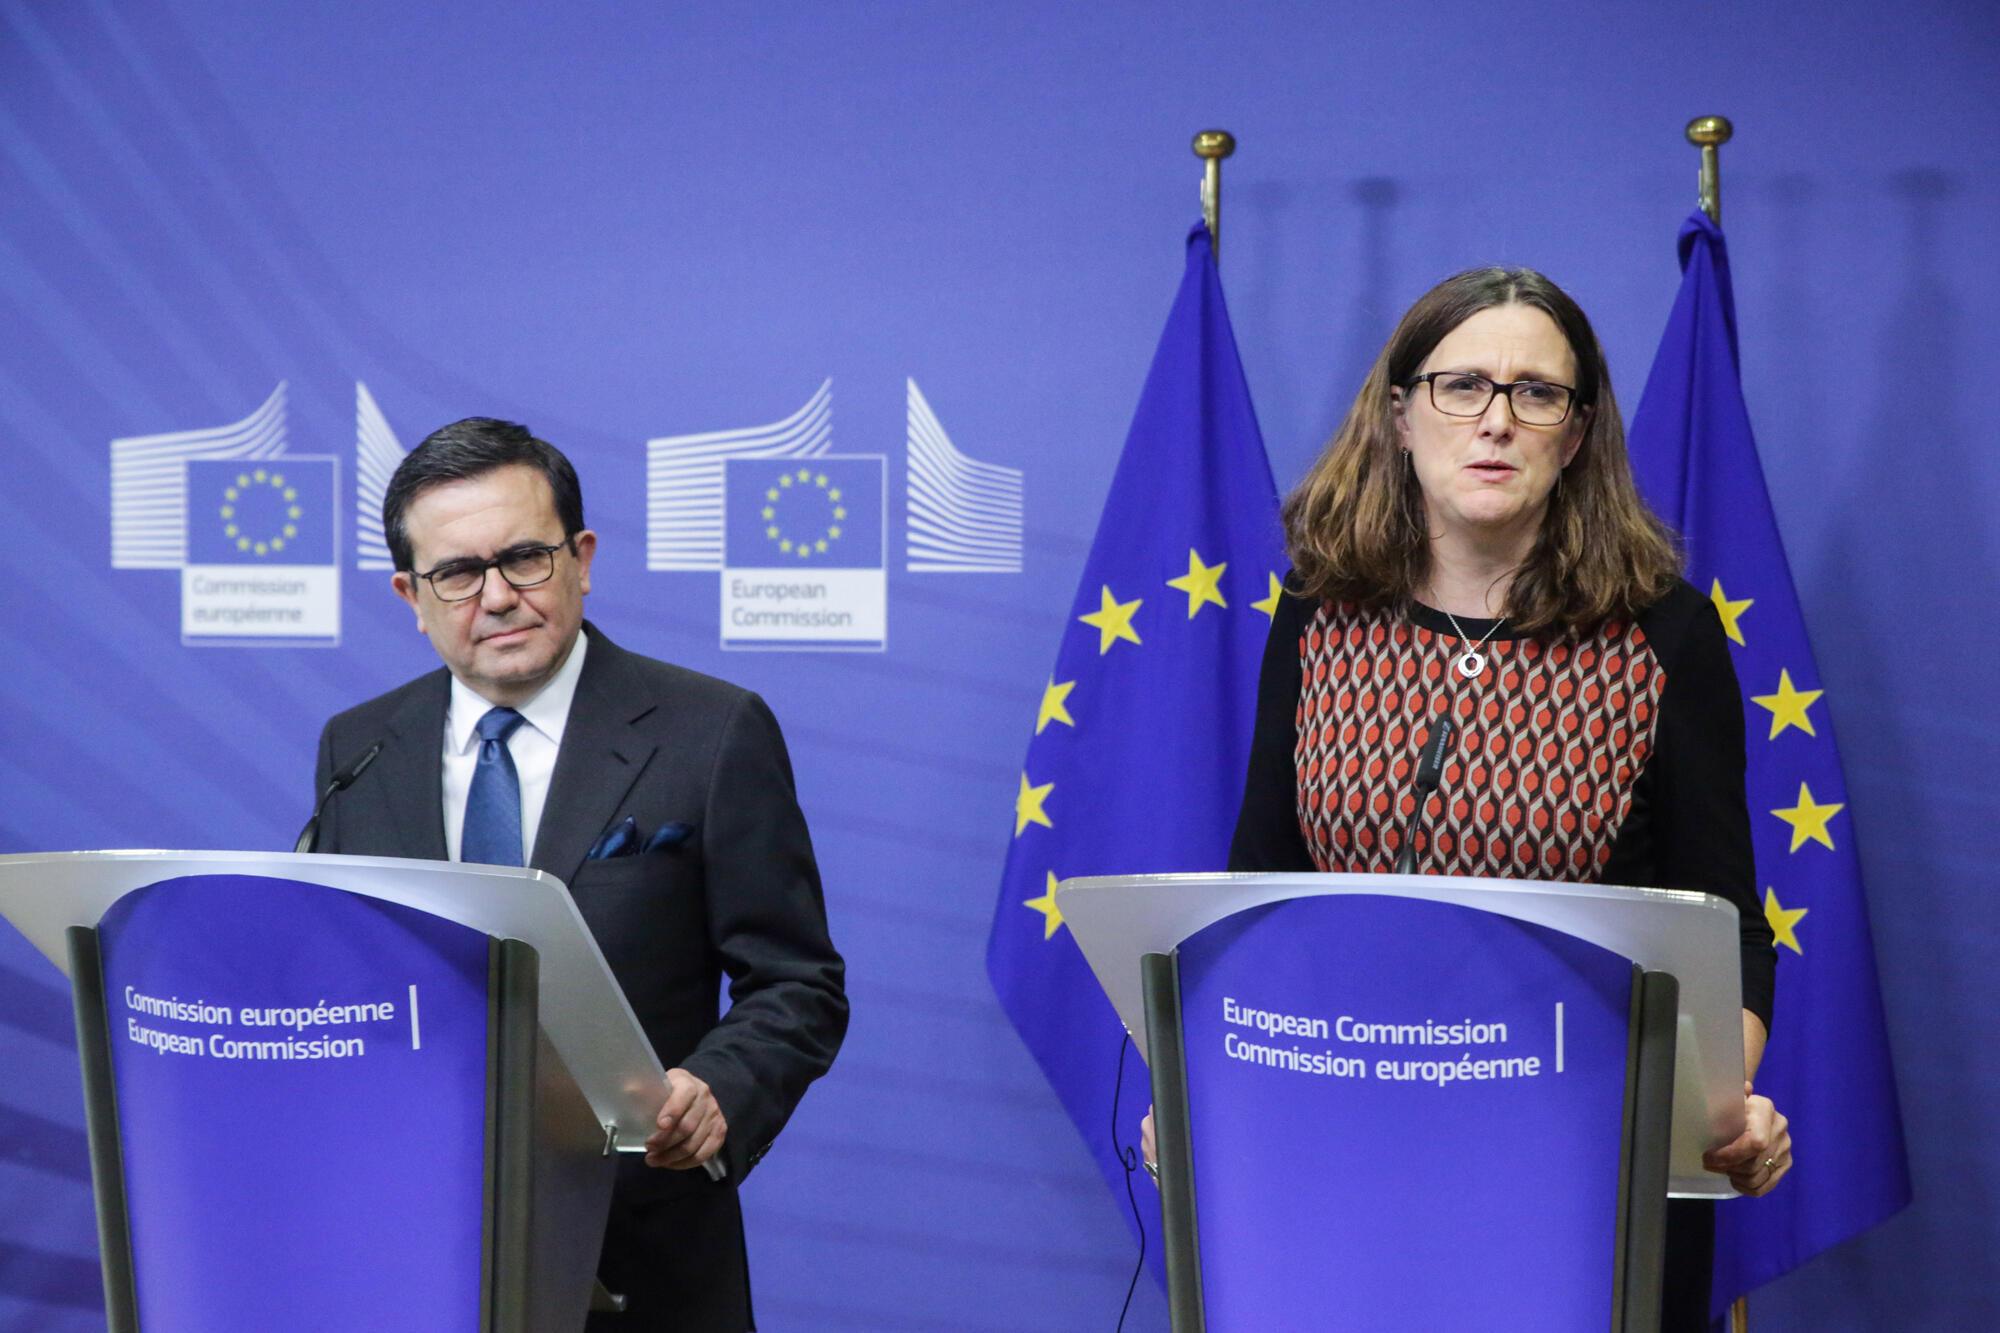 (Photo d'illustration) Le ministre mexicain de l'Economie Ildefonso Guajardo et la Commissaire européenne au Commerce Cecilia Malmstrom après une rencontre consacrée aux relations commerciales entre l'Union Européenne et le Mexique, le 21 décembre 2017.